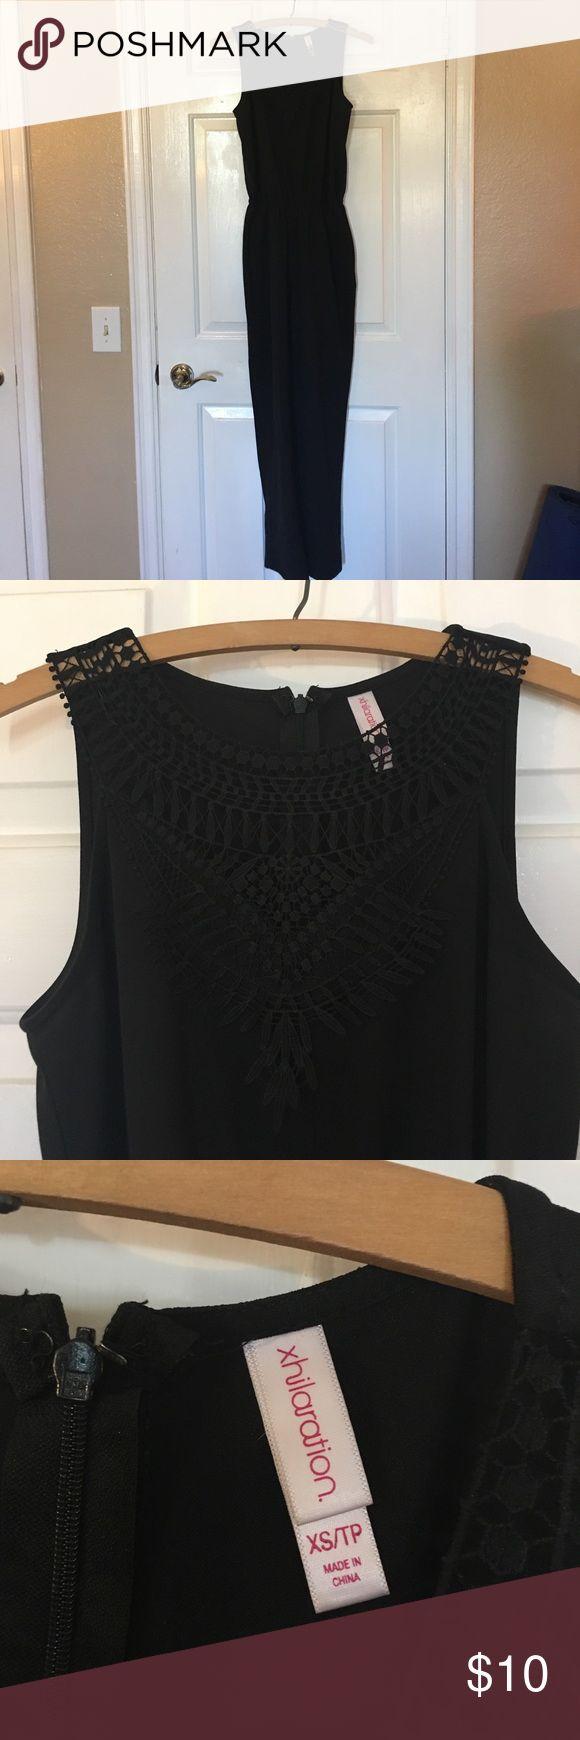 Xhilaration solid black lace jumpsuit size xs sexy Xhilaration solid black lace jumpsuit size xs sexy Xhilaration Pants Jumpsuits & Rompers